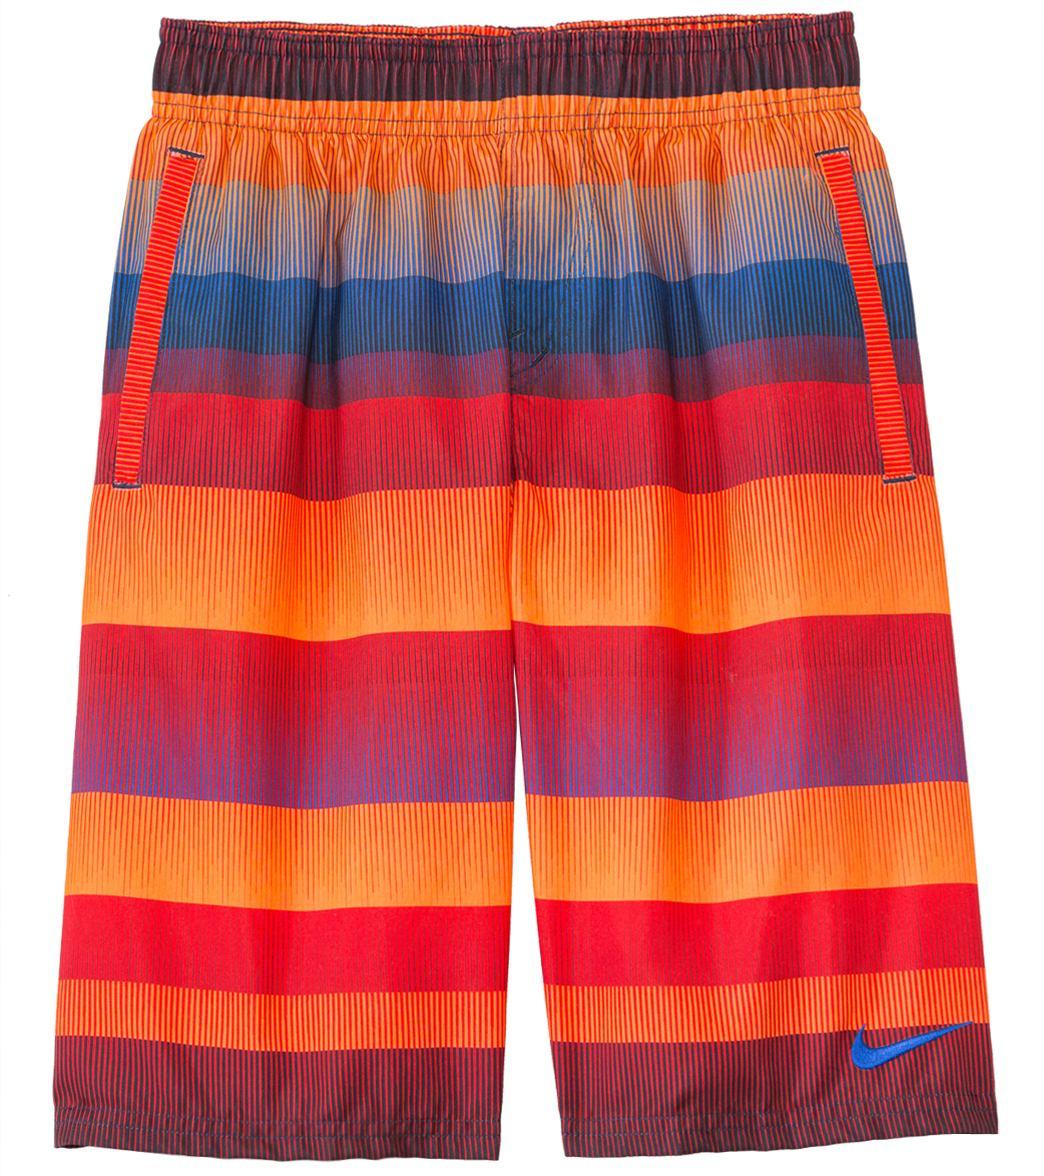 3e675d27a0 ... Nike Swimwear Boys' Optic Shift 9'' Volley Short (7yrs-18yrs). Share